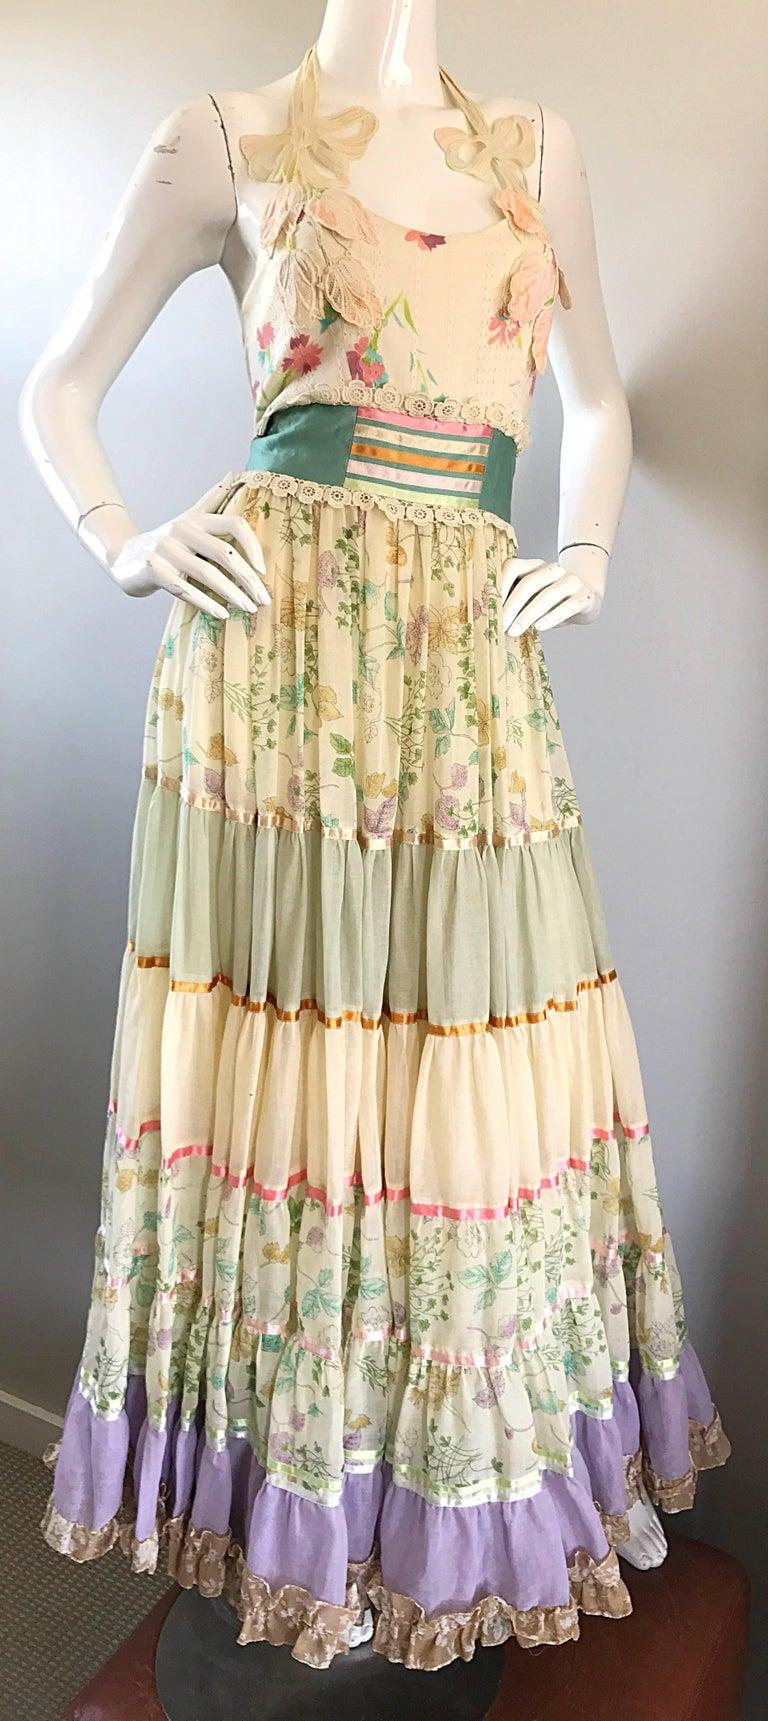 Giorgio di Sant Angelo 1970s Rare Colorful Cotton Voile Vintage 70s Maxi Dress 7